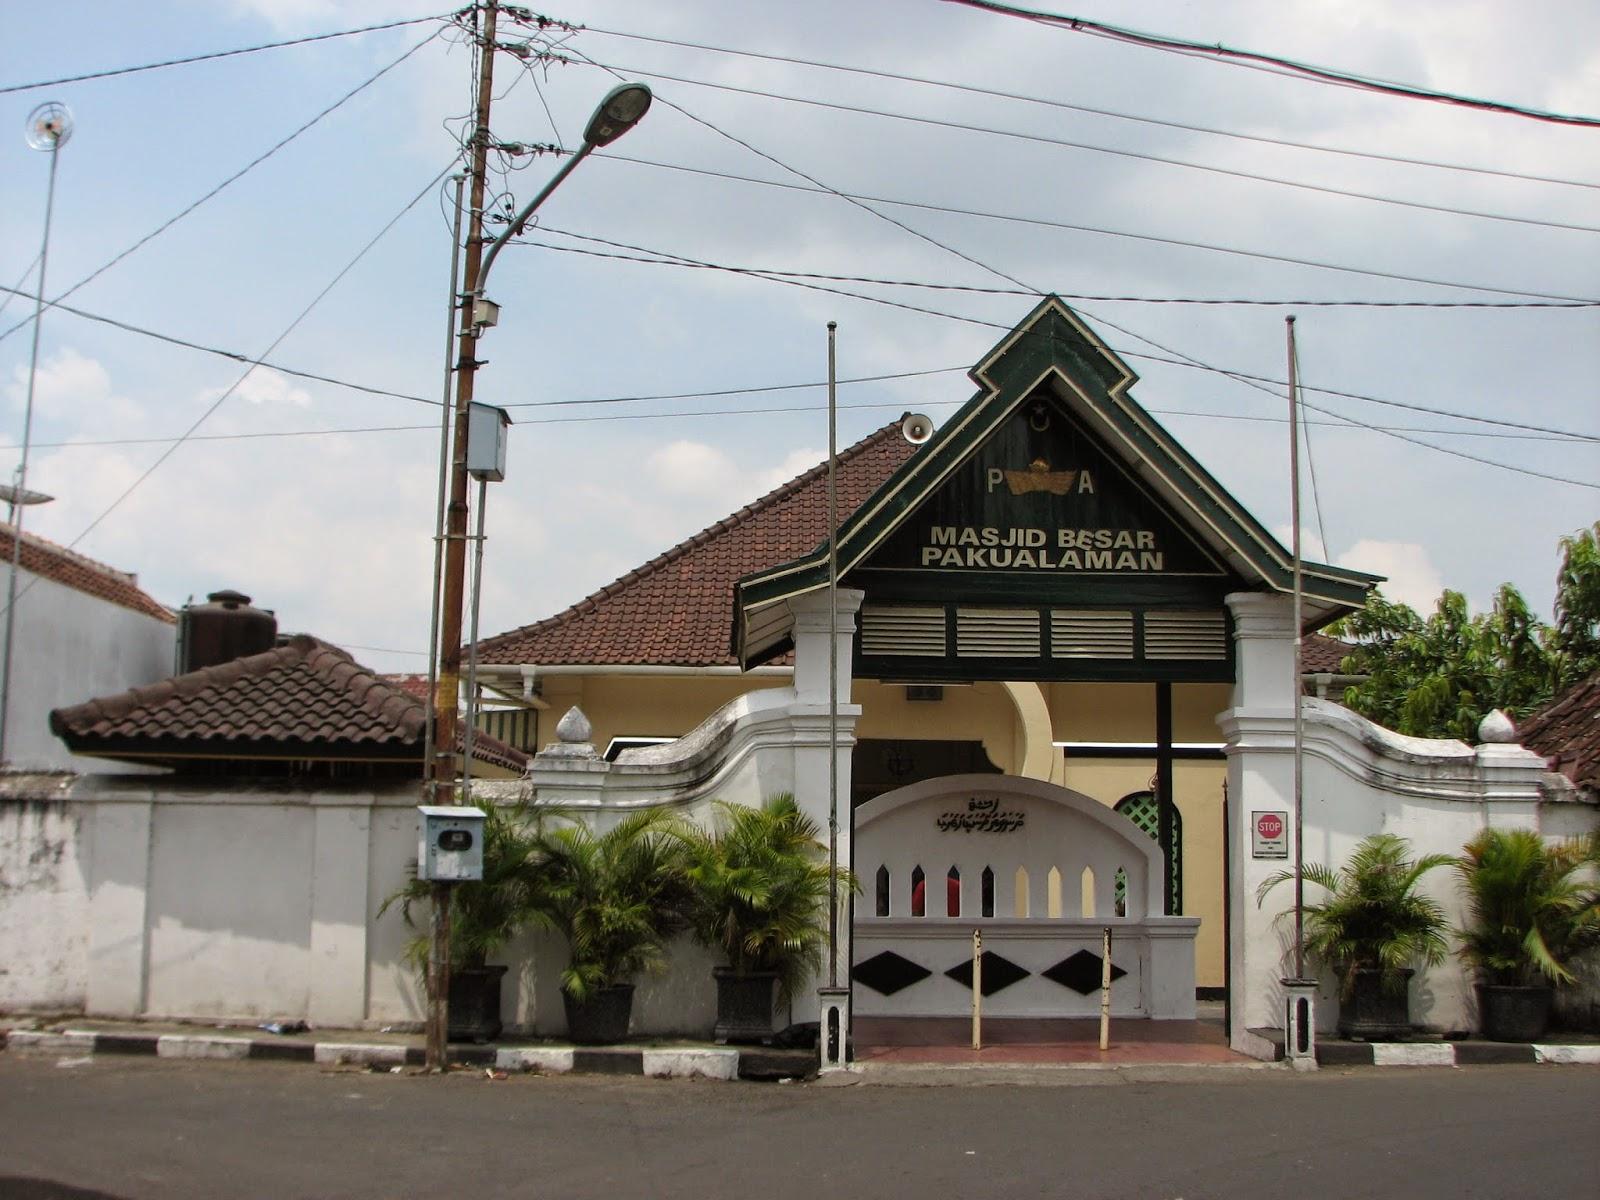 Masjid Mushalla Musholla Diposting Oleh Kua Pakualaman 00 15 Besar